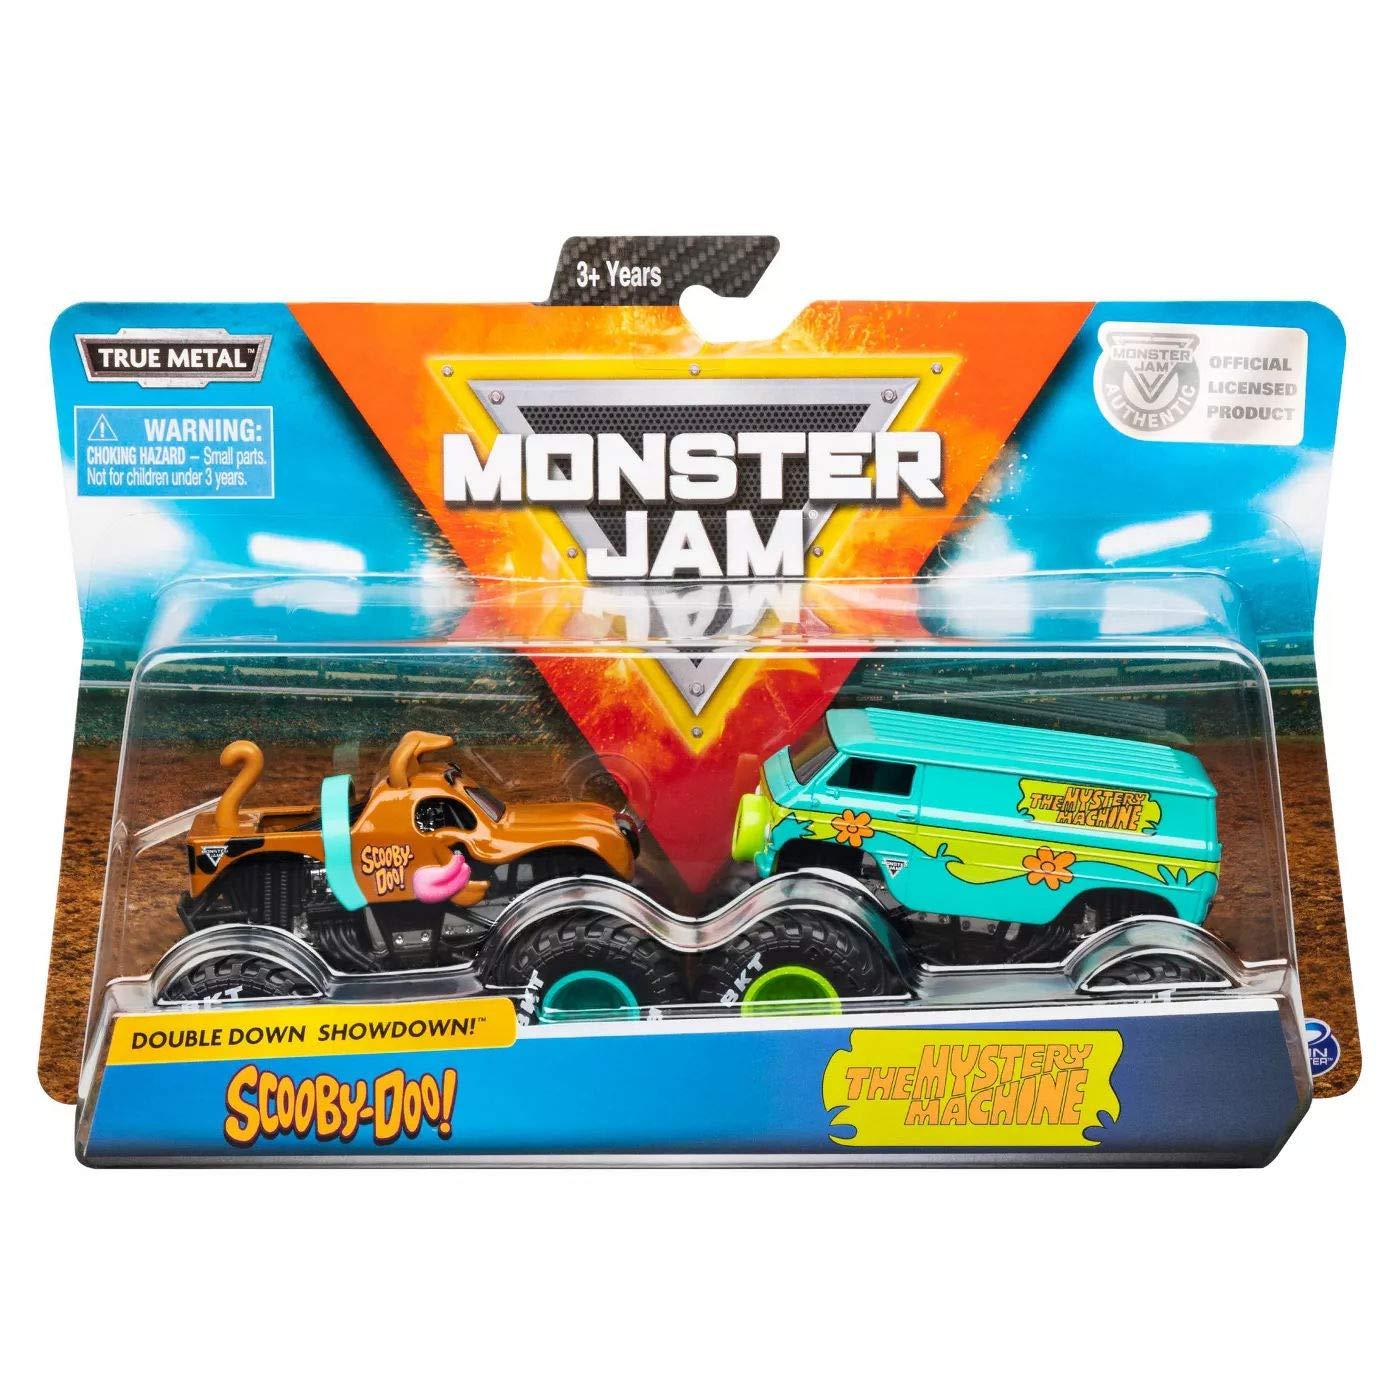 Monster Jam Truck  com 2 Carros - Set Scooby Doo Escal 1:64